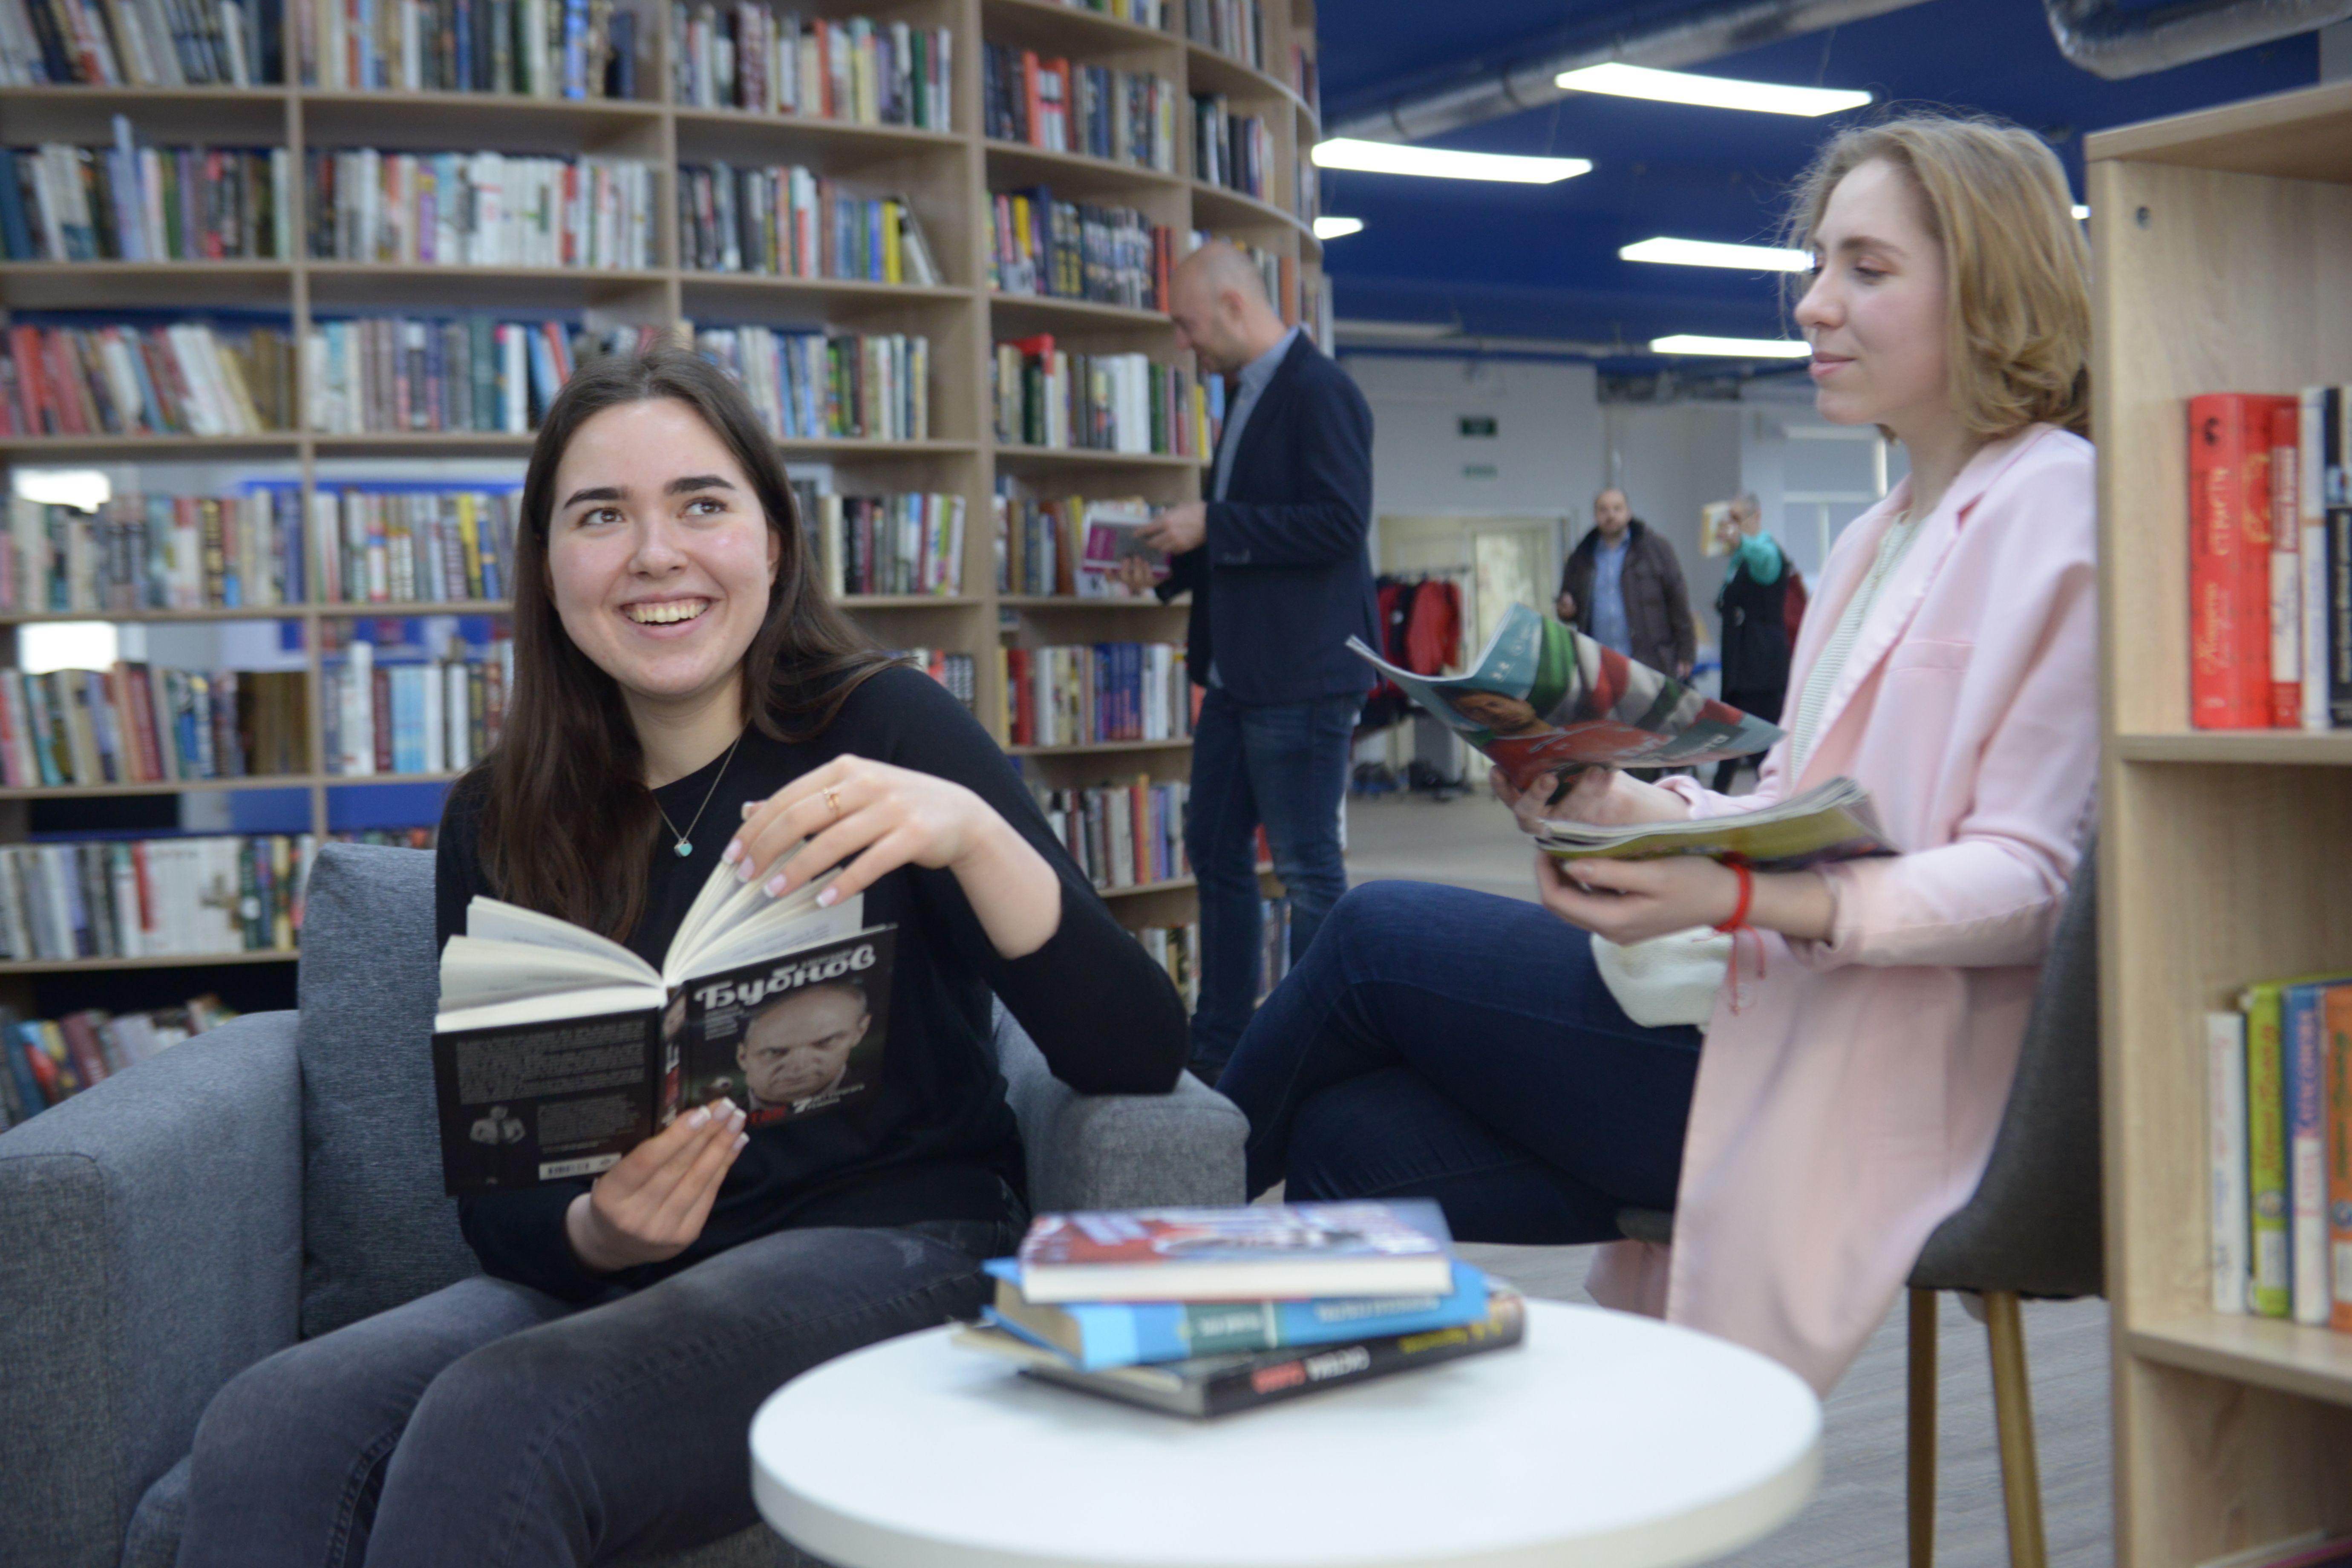 Часы работы библиотеки: с 11:00 до 19:00. Фото: Наталья Феоктистова, «Вечерняя Москва»